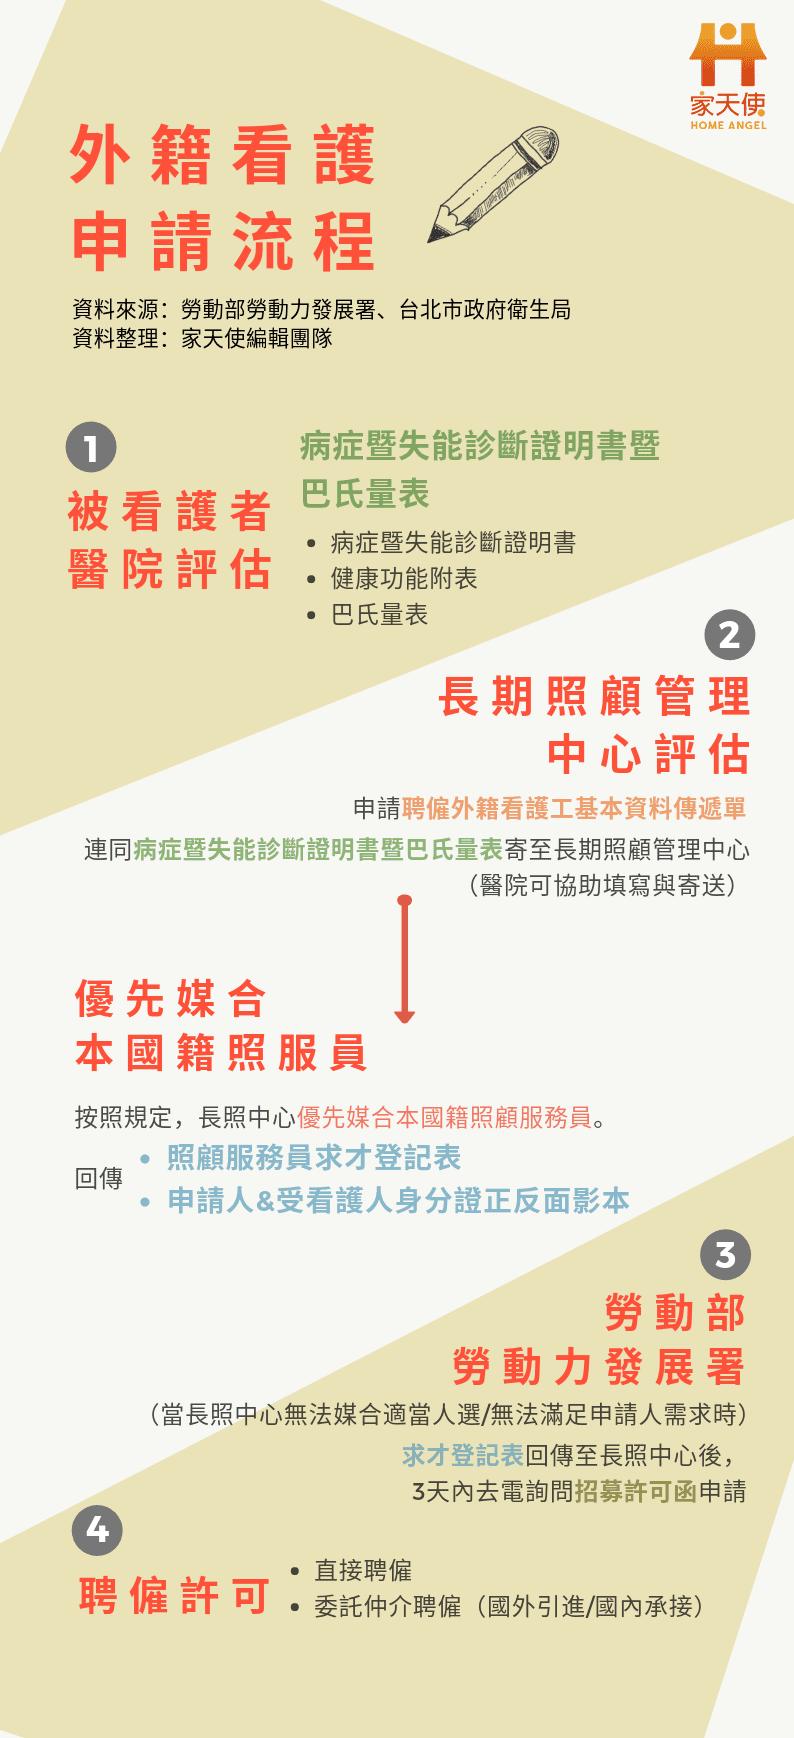 外籍看護申請流程